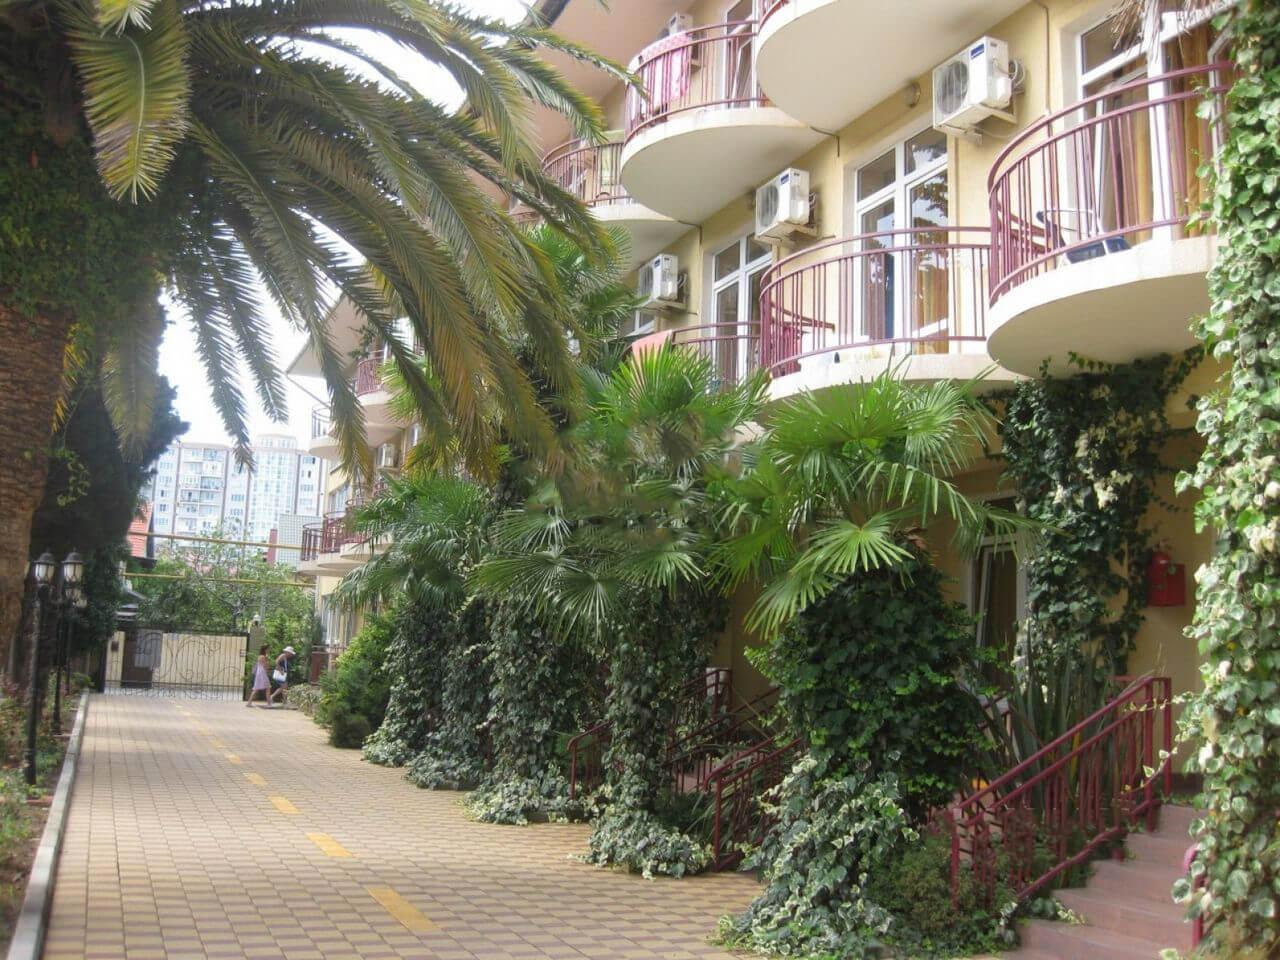 Полностью оборудованный гостиничный комплекс - image Polnostyu-oborudovannyj-gostinichnyj-kompleks-8 on http://bizneskvartal.ru